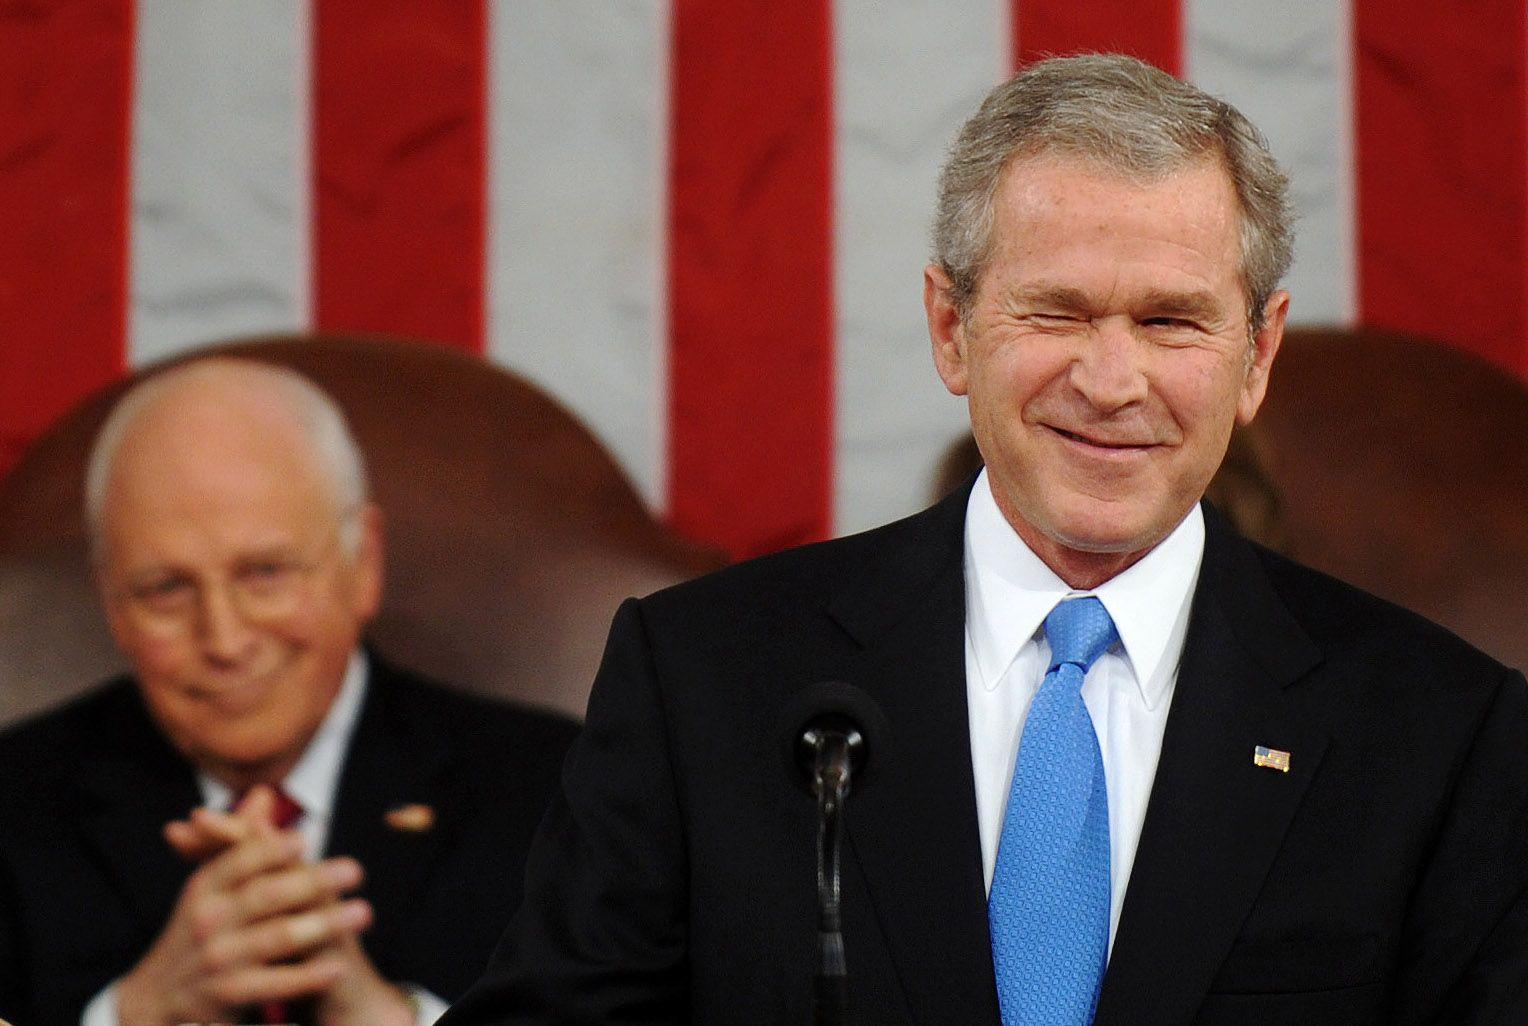 11_10_George_W_Bush_President